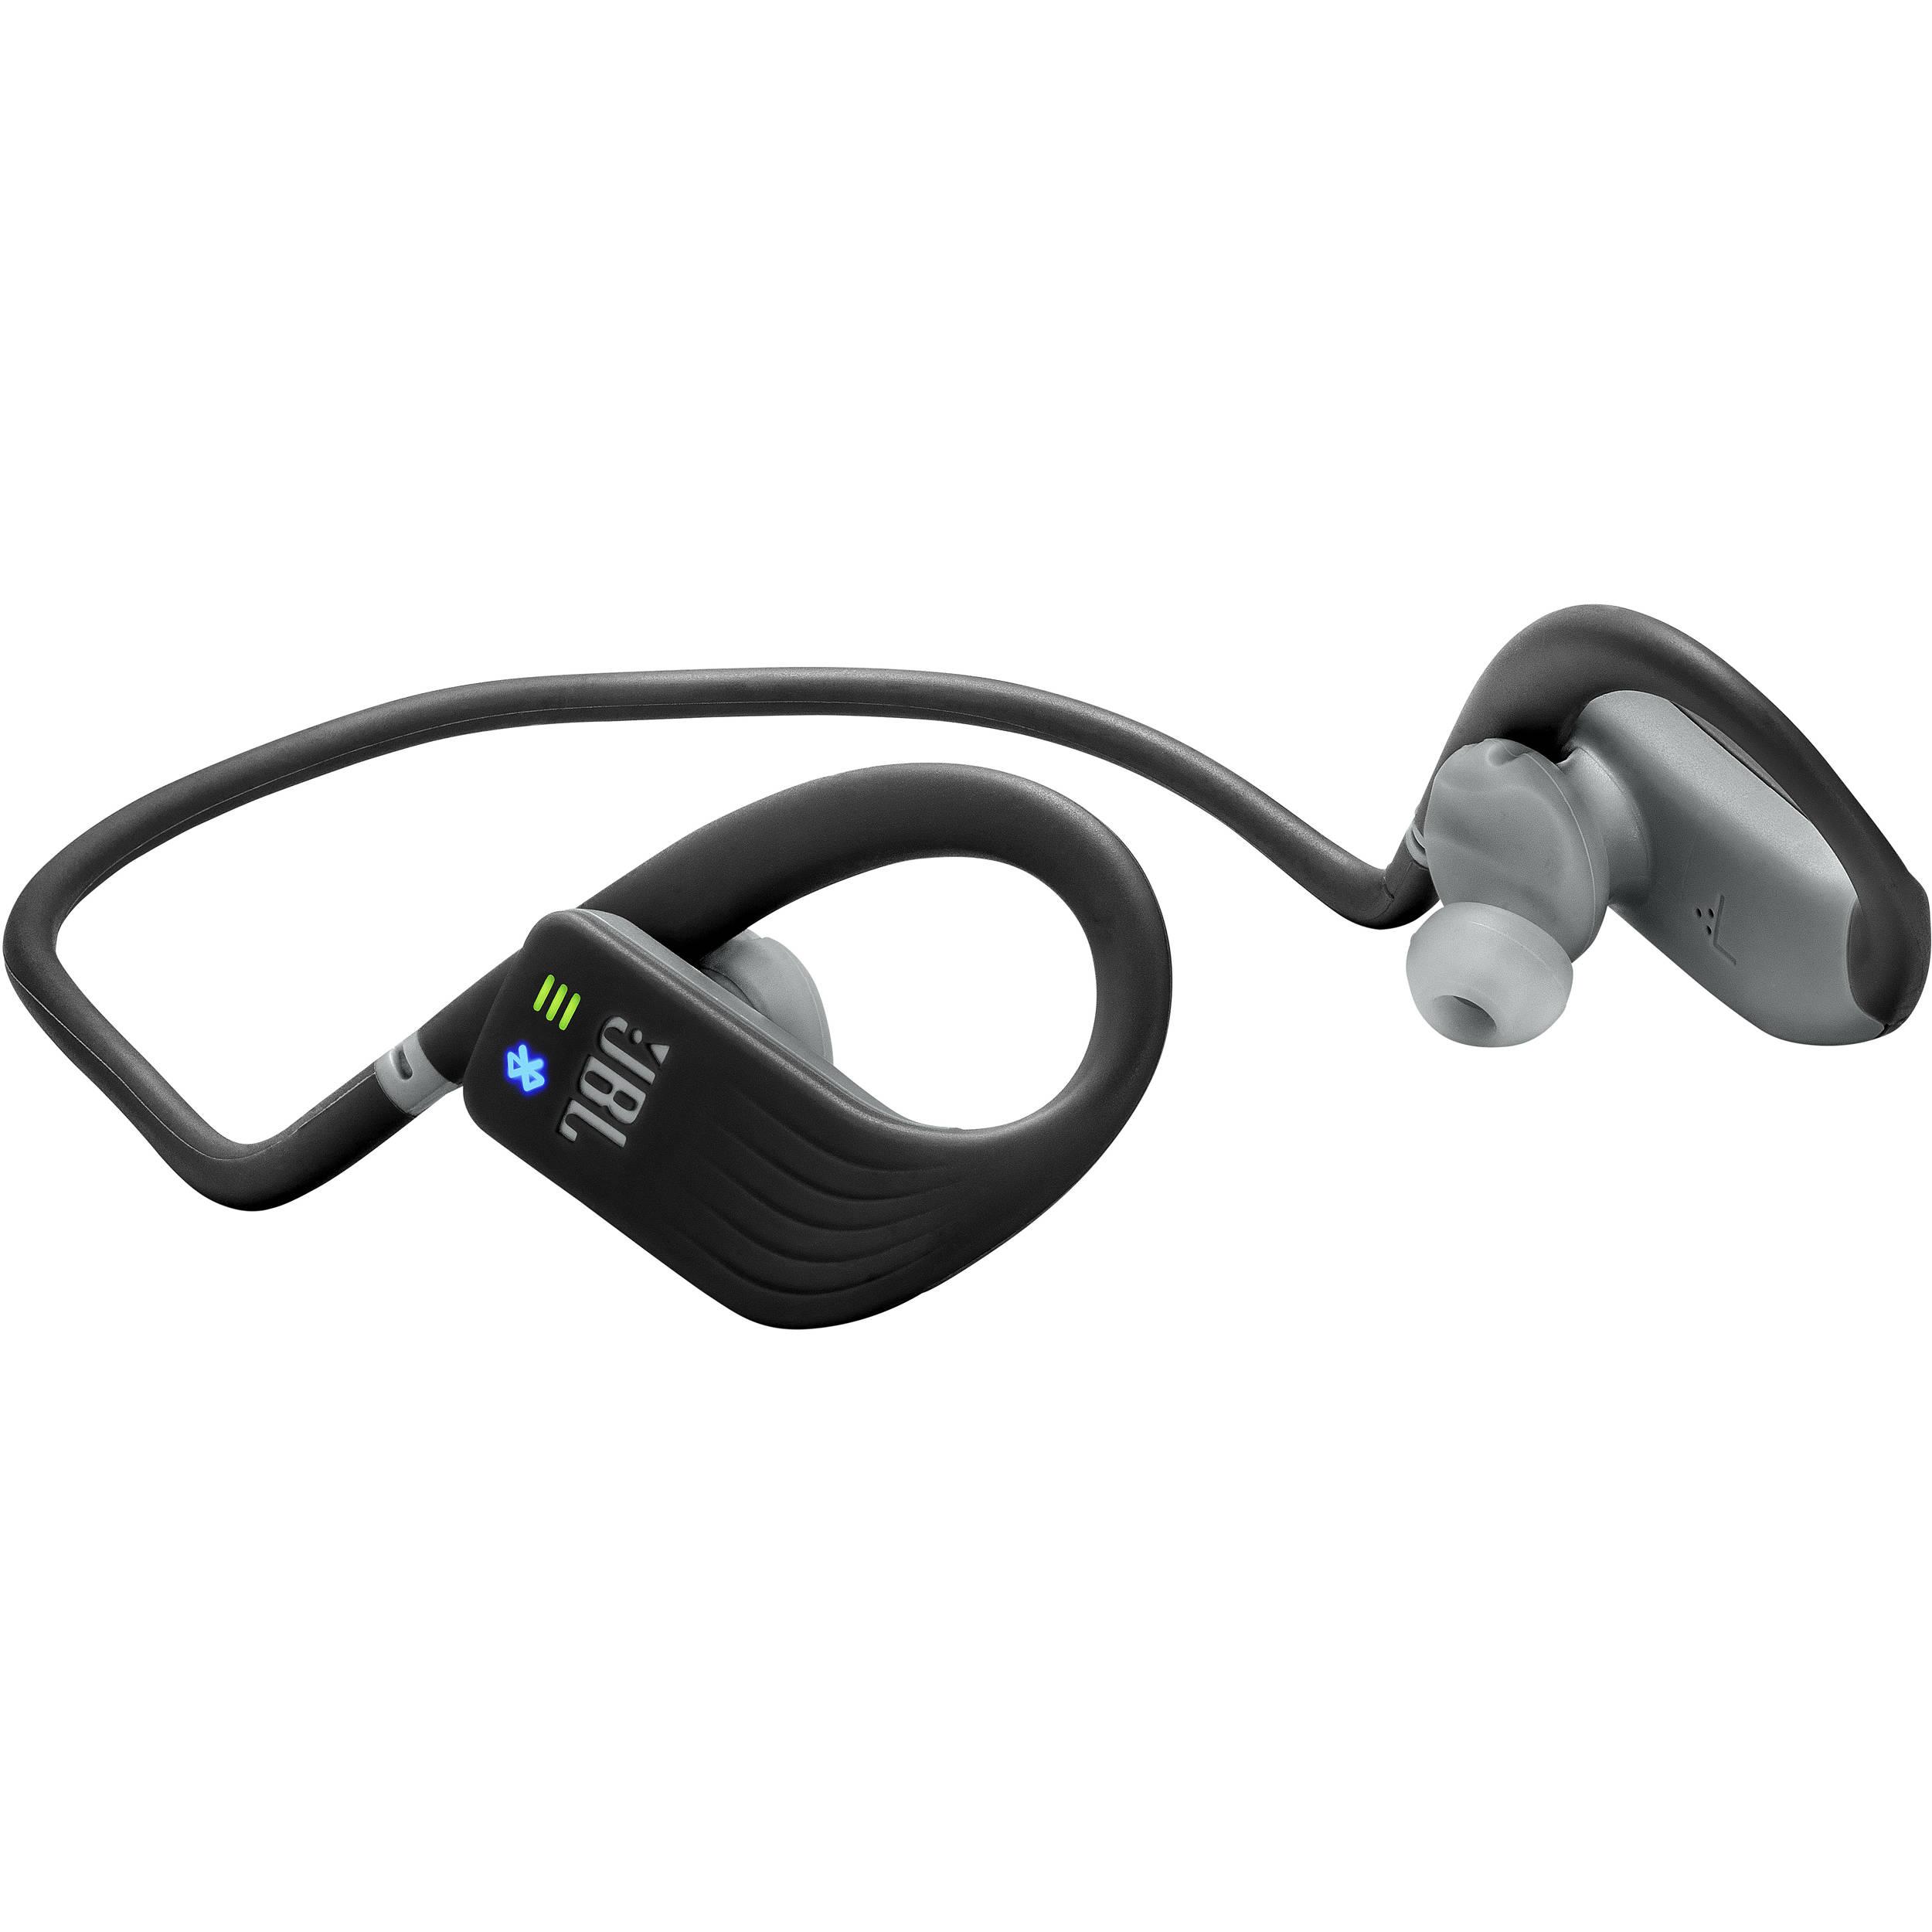 4da6fb4cebe JBL Endurance DIVE Waterproof Wireless In-Ear JBLENDURDIVEBAM